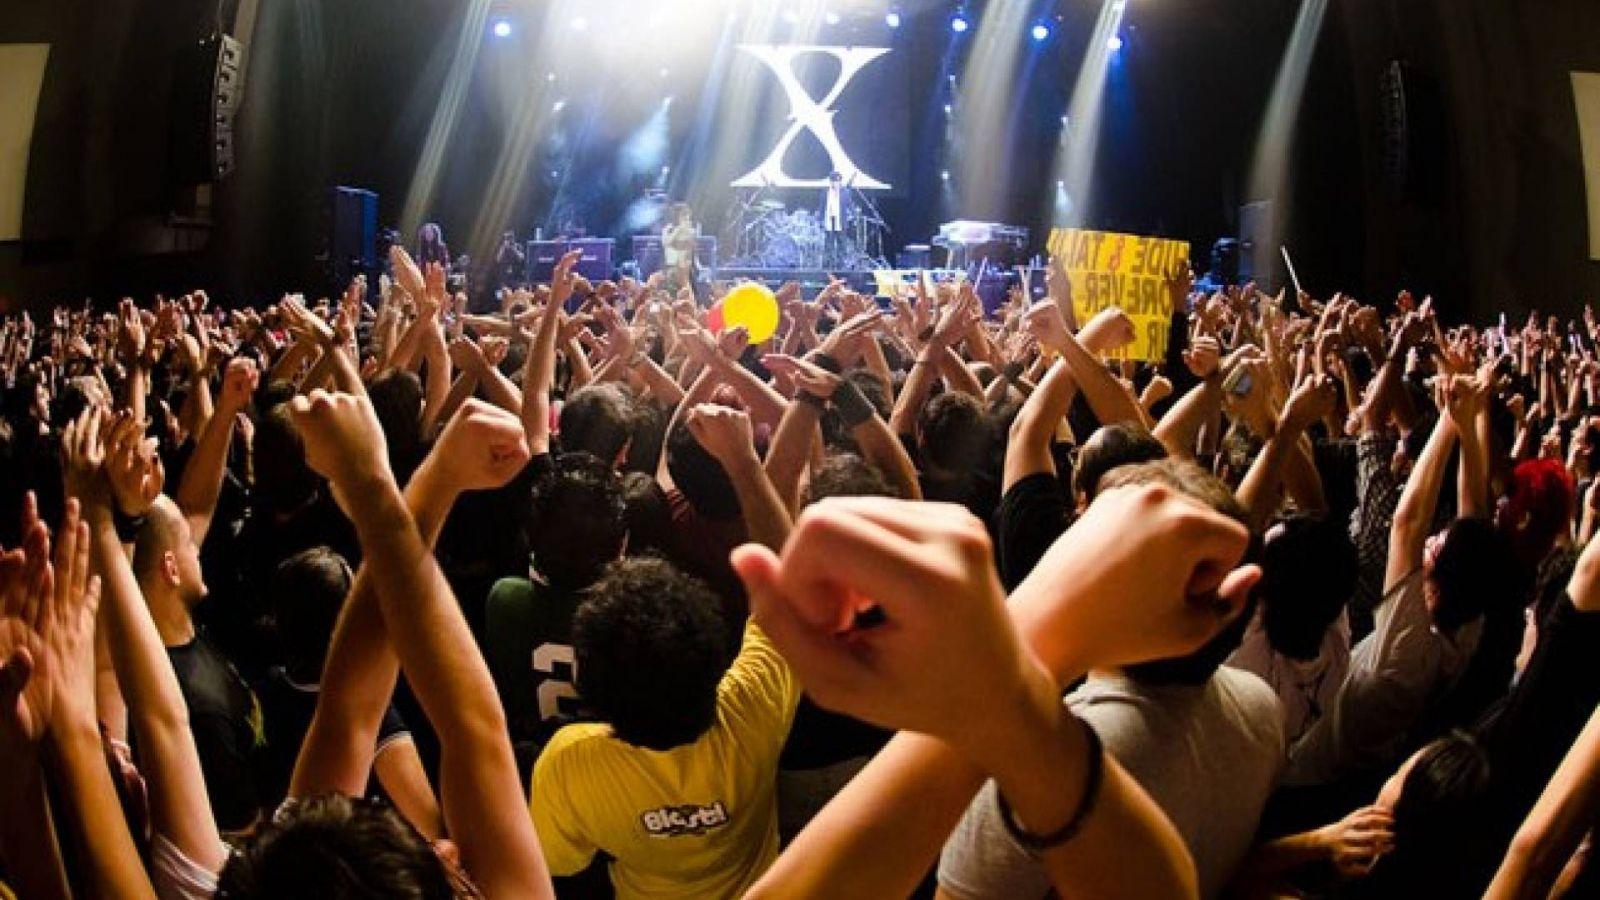 A indescritível passagem do X JAPAN pelo Brasil © JaME Brazil - Rodrigo Esper